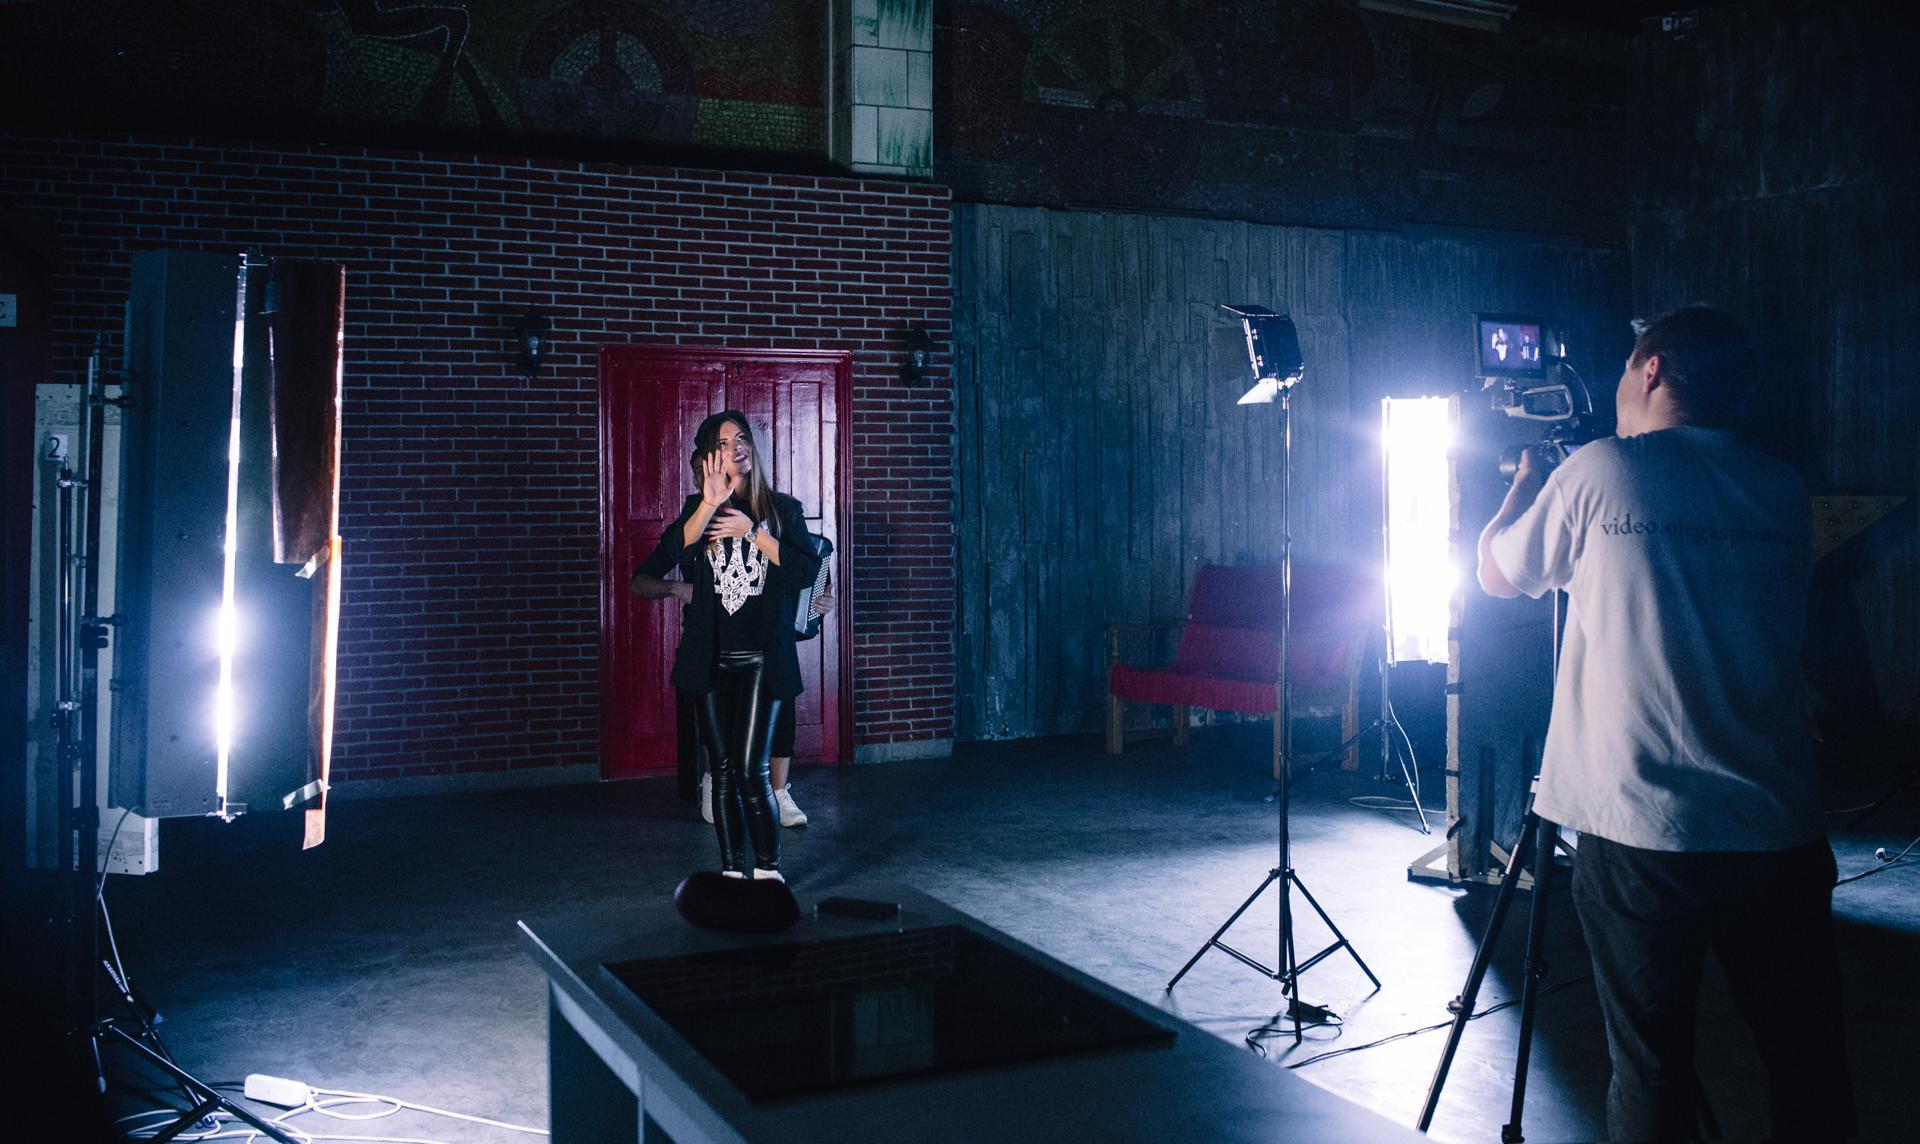 съёмка музыкального клипа киев